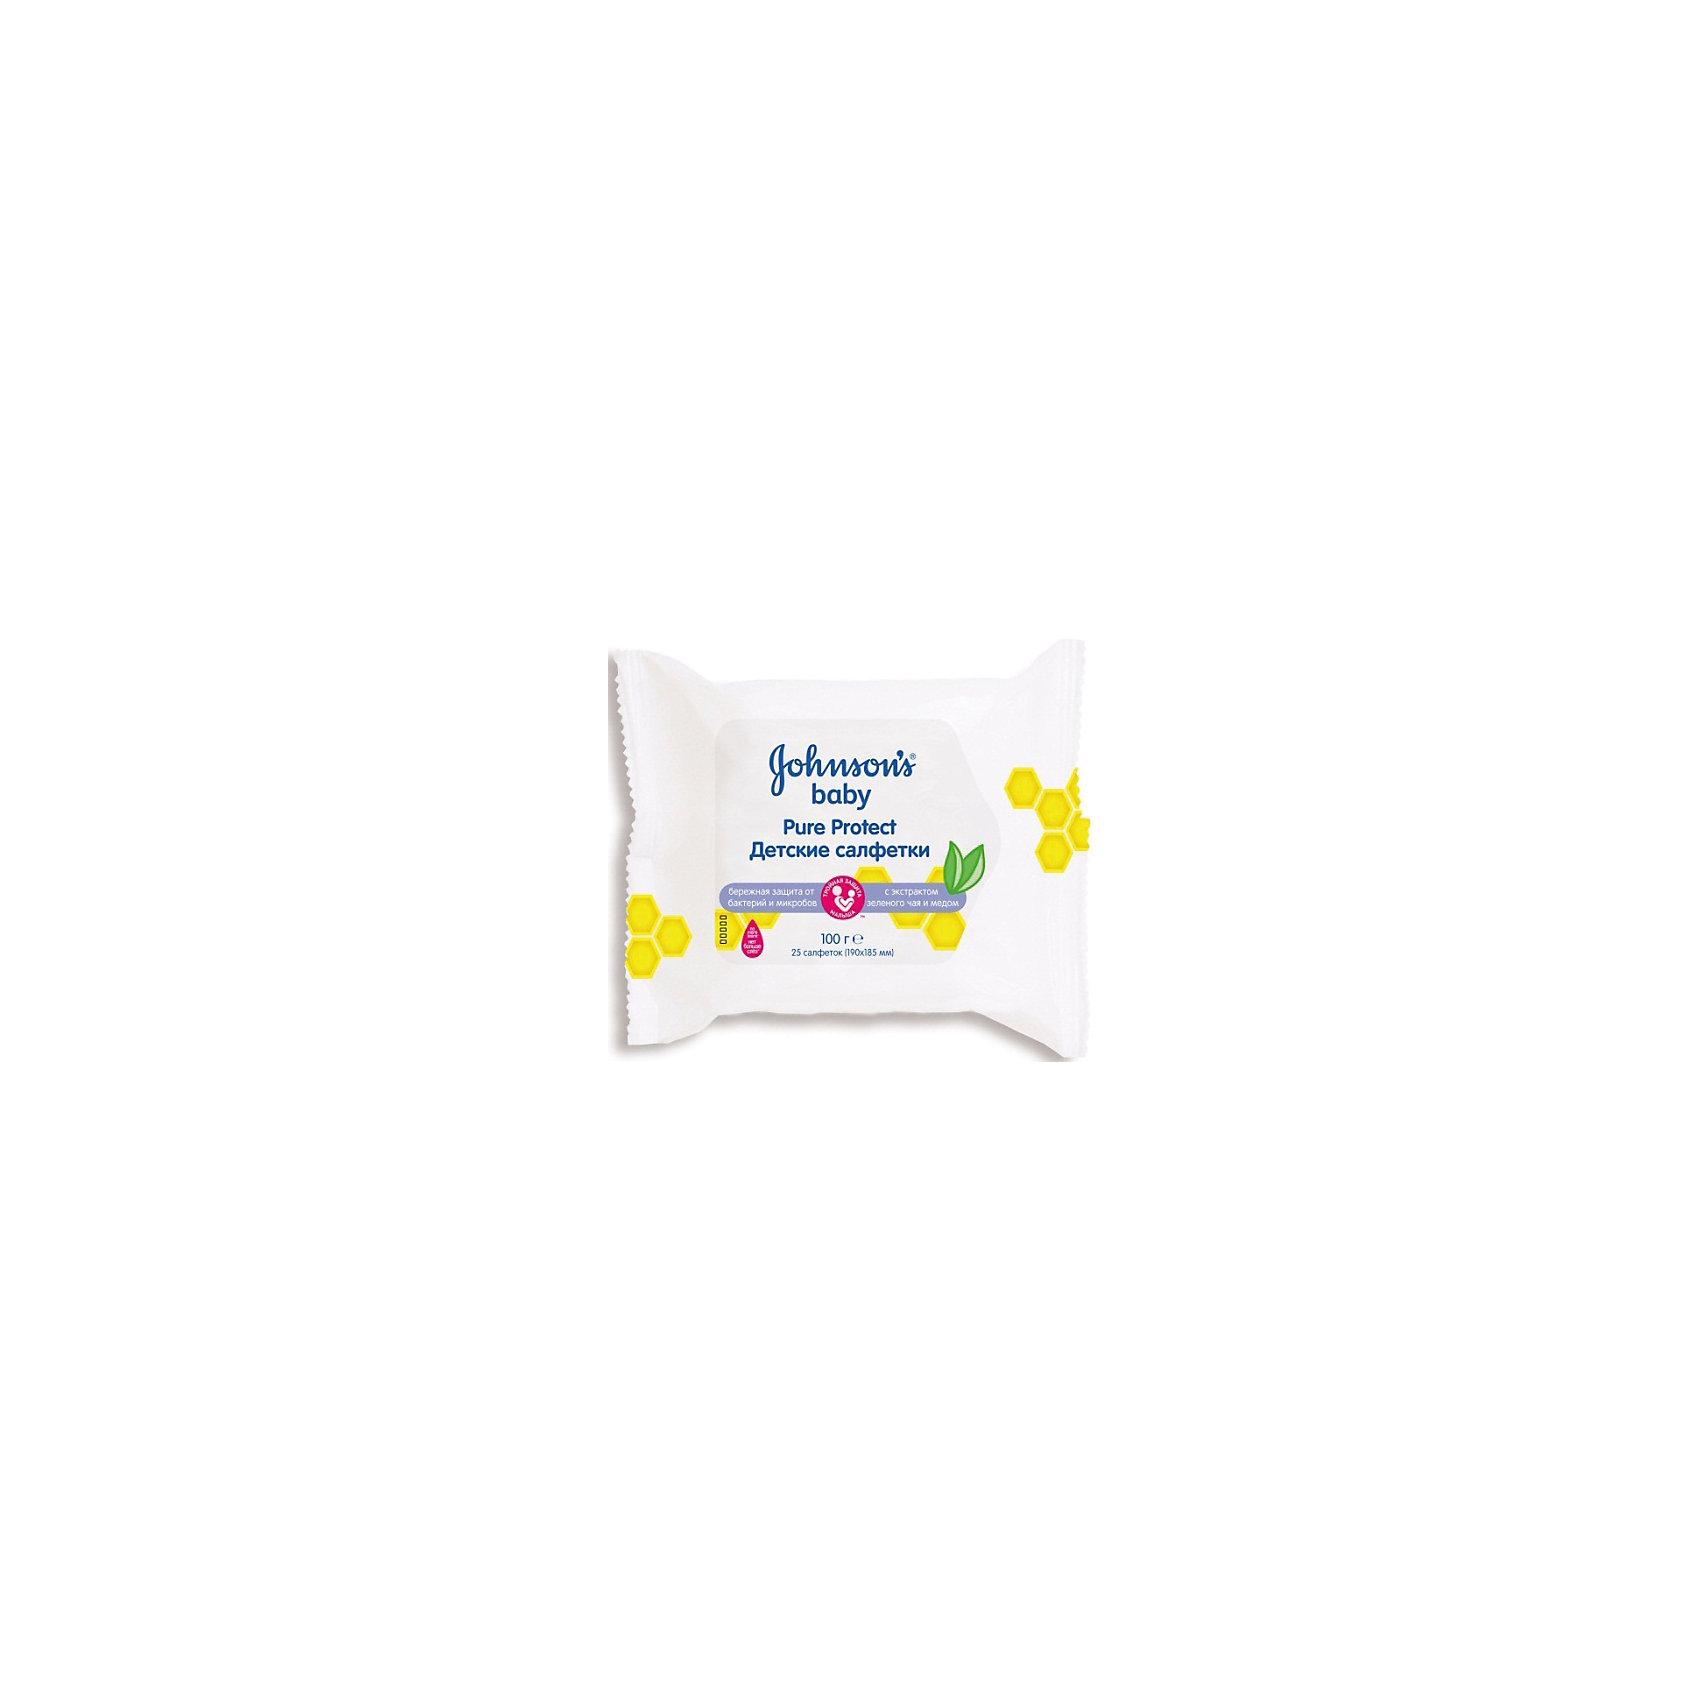 Влажные салфетки Pure Protect 25 шт., Johnsons baby